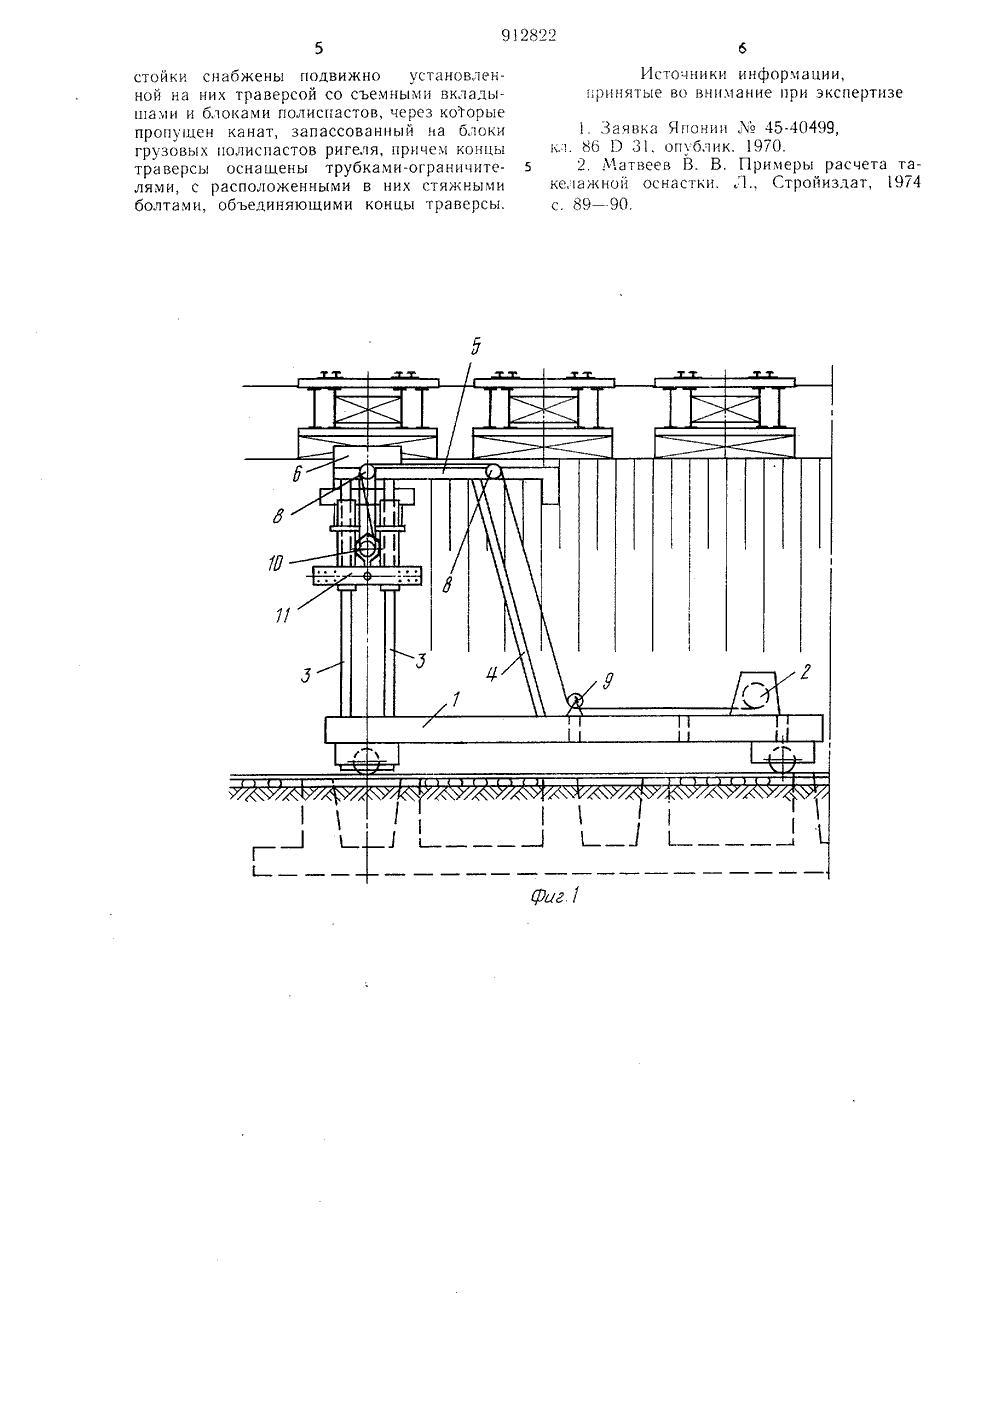 Устройство железобетонных блоков стеновая железобетонная панель размеры